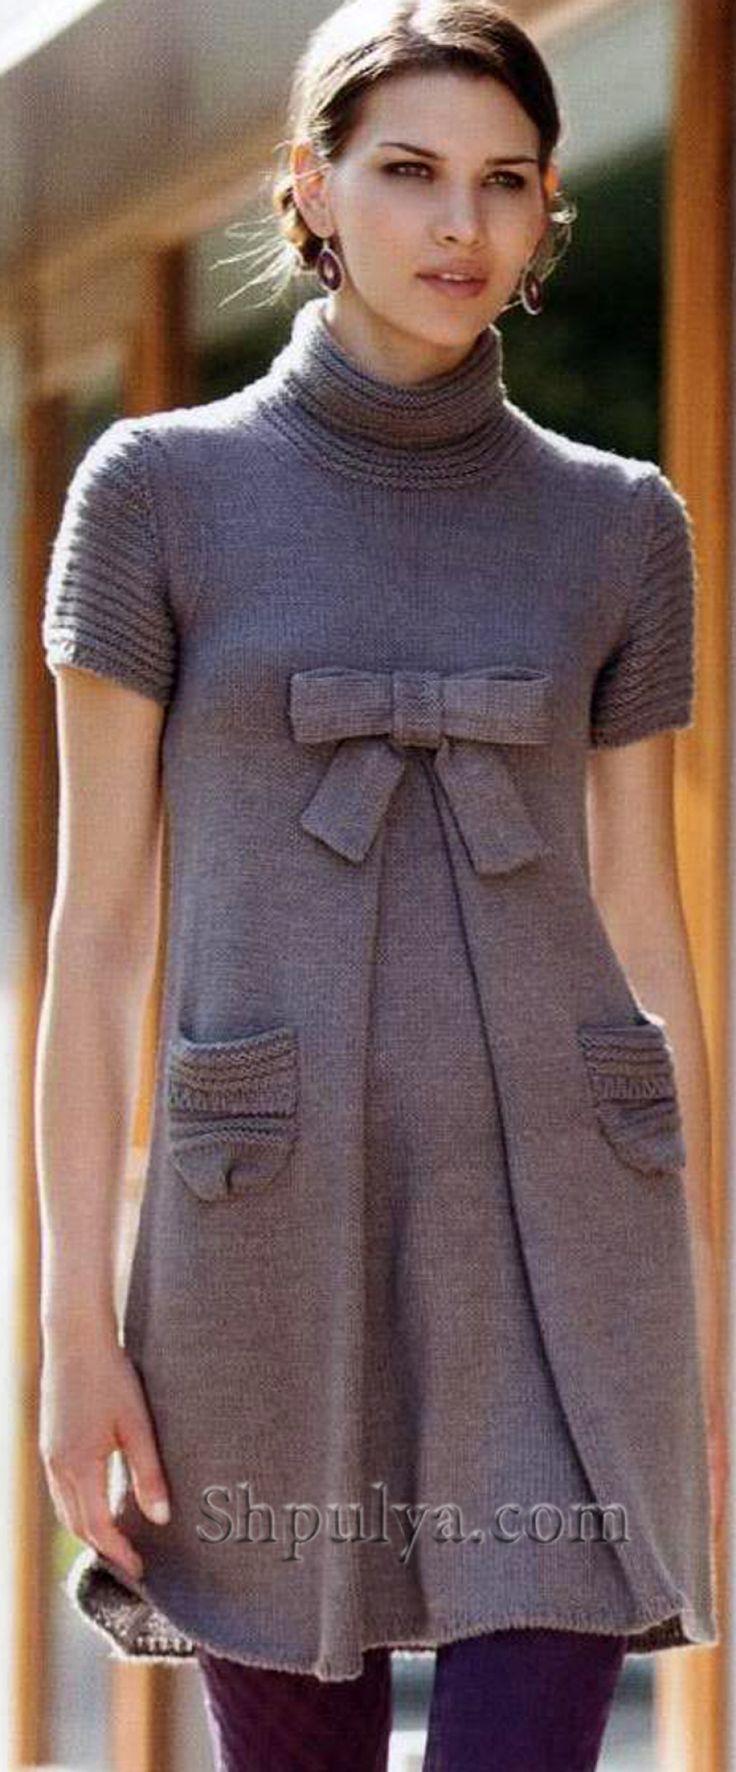 Серое платье с бантом, вязаное спицами